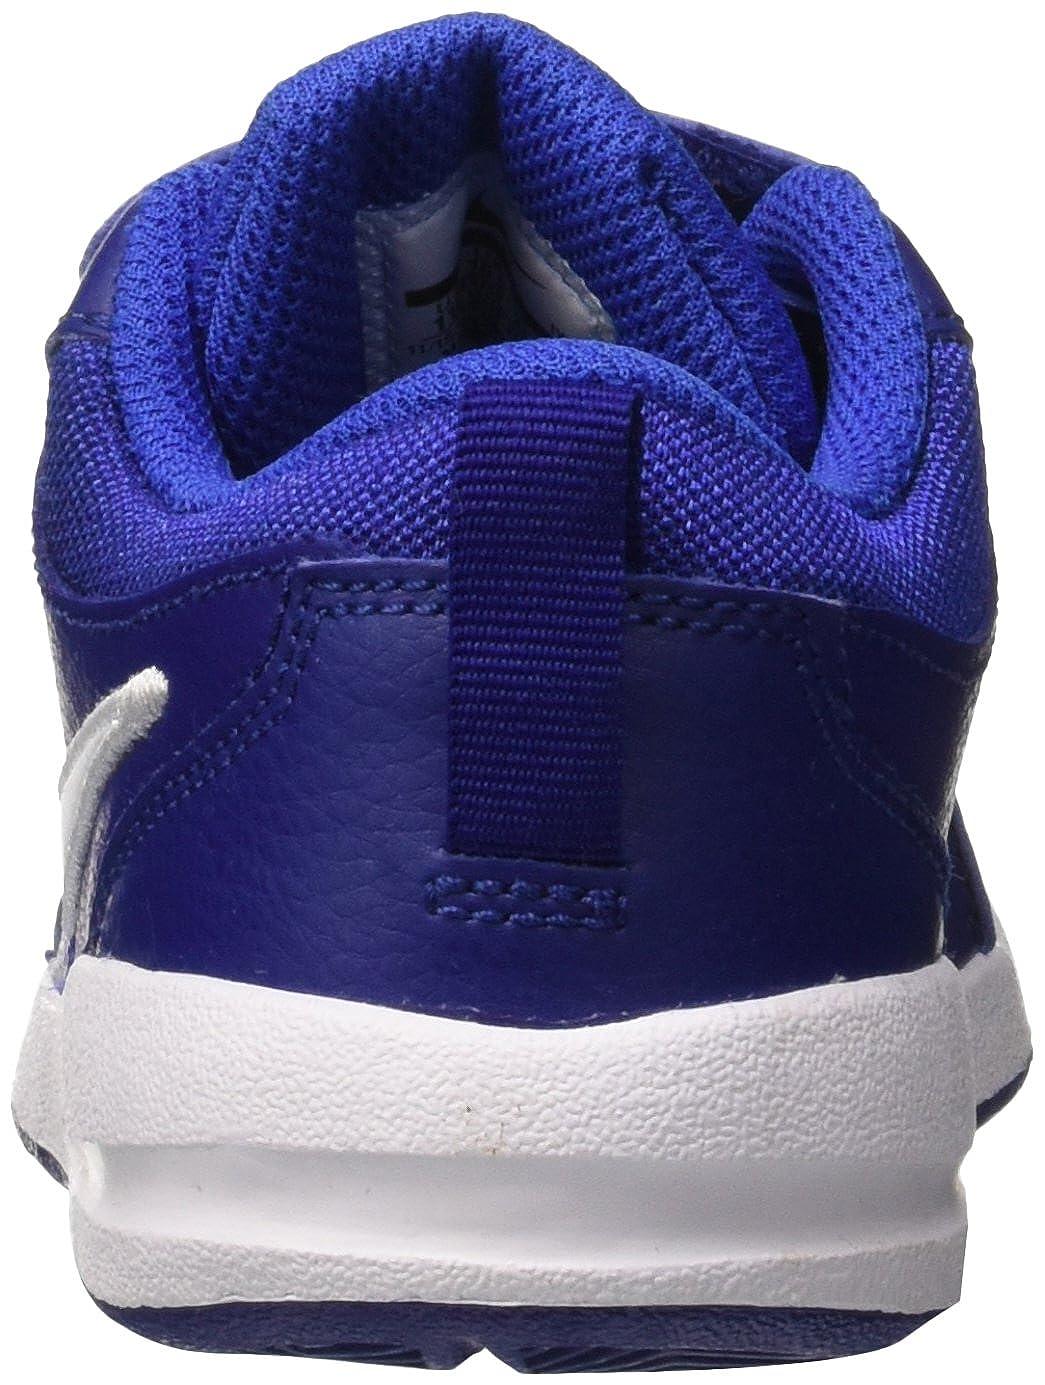 new product 0ef62 1d92f Nike 454500 409, Chaussures de Fitness Mixte Enfant  Amazon.fr  Chaussures  et Sacs